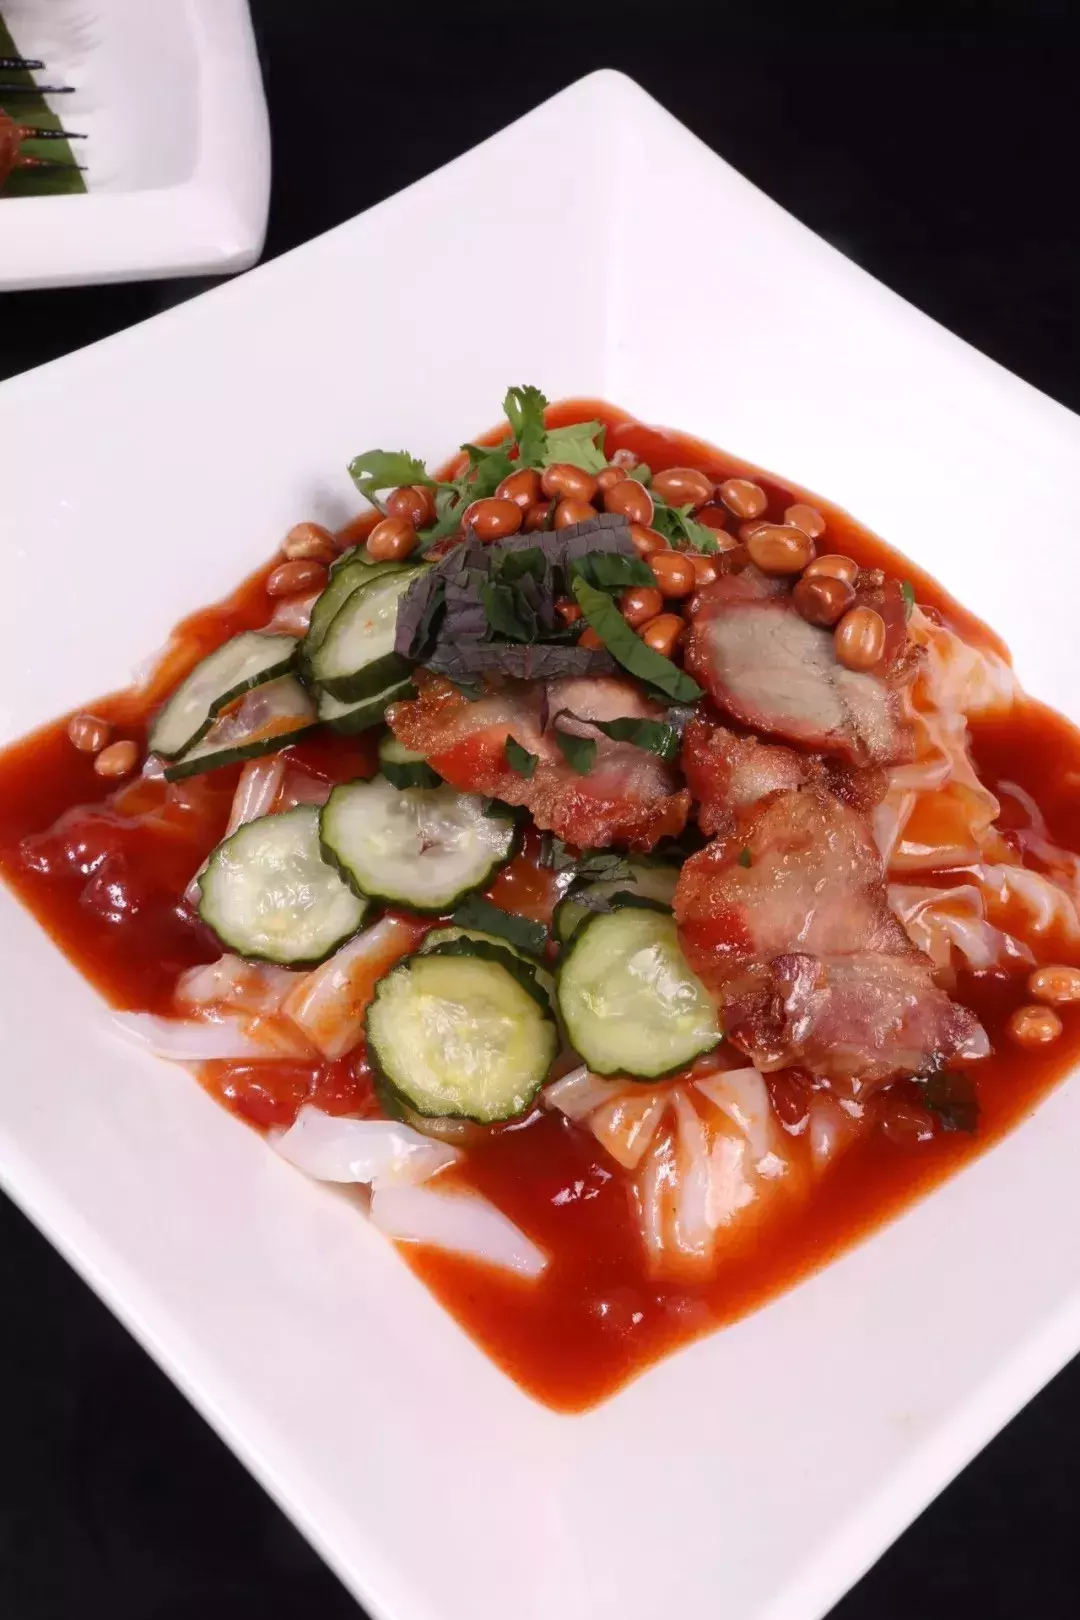 大厨教你做8道亲民粤菜,普通食材也能做出热销菜! 粤式菜谱 第7张